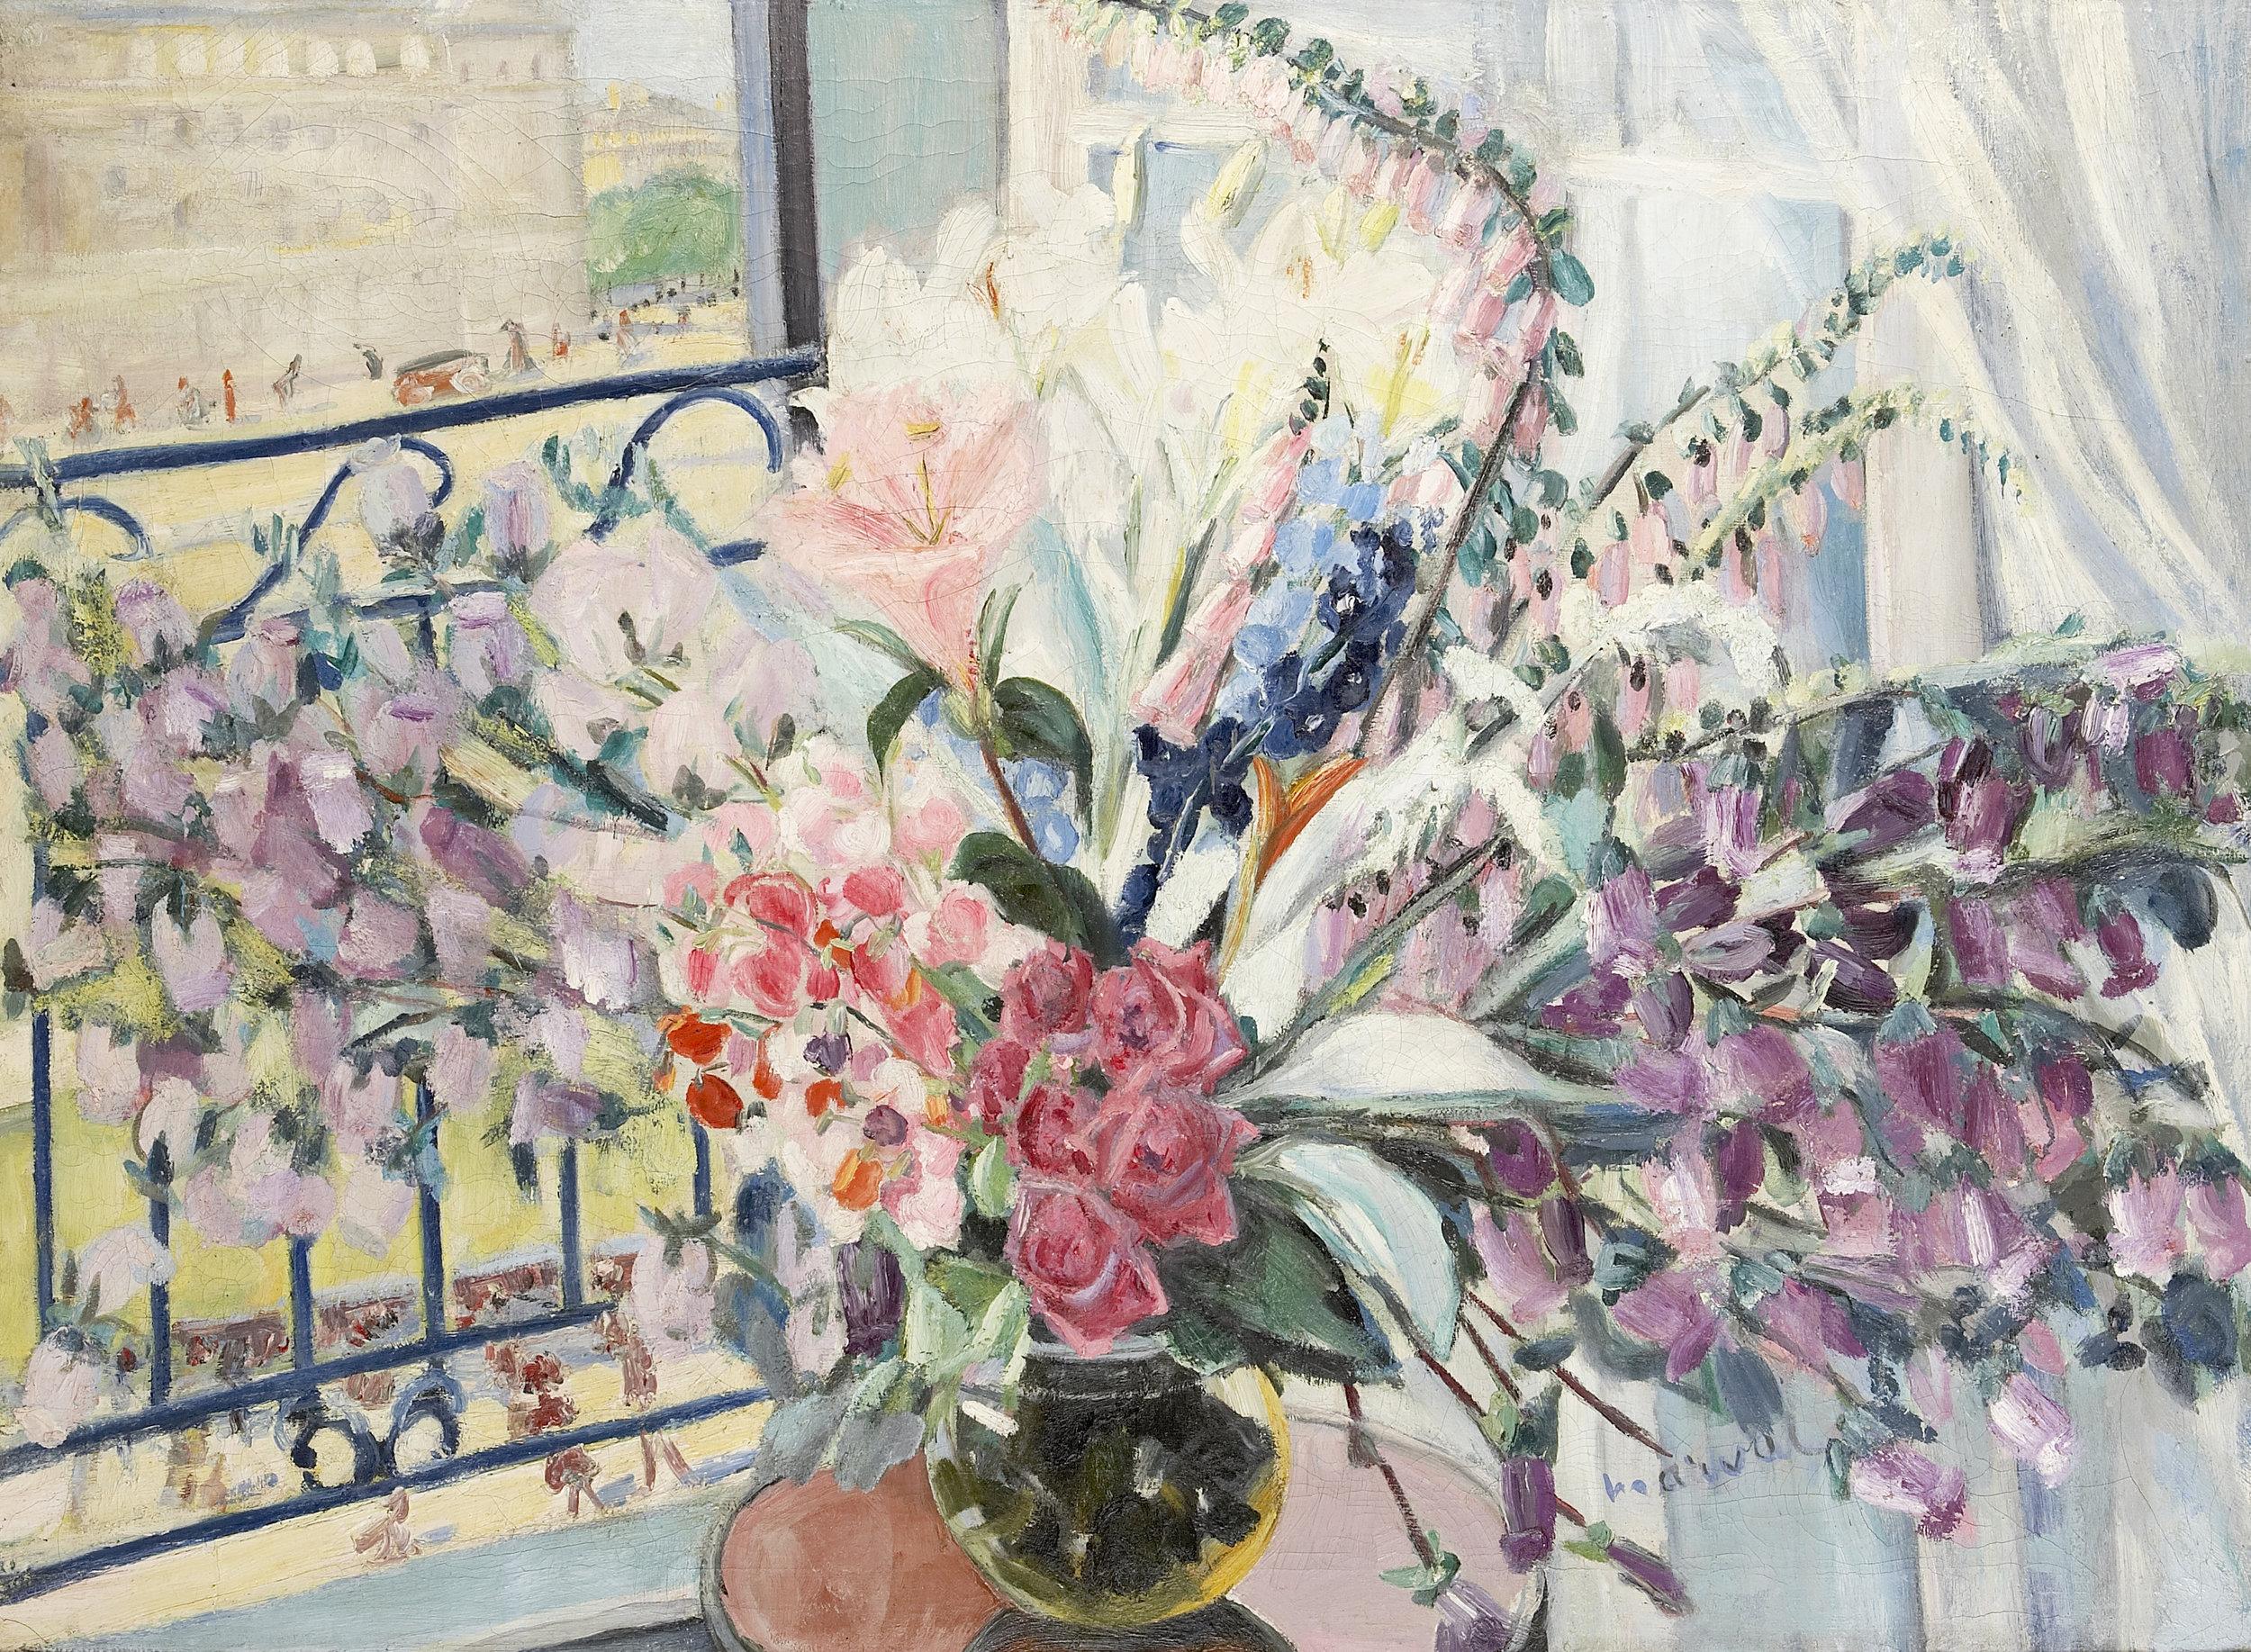 Grand Bouquet à ma Fenêtre, Jacqueline Marval, c 1924. Huile sur toile, 110 x 150 cm. Collection privée.